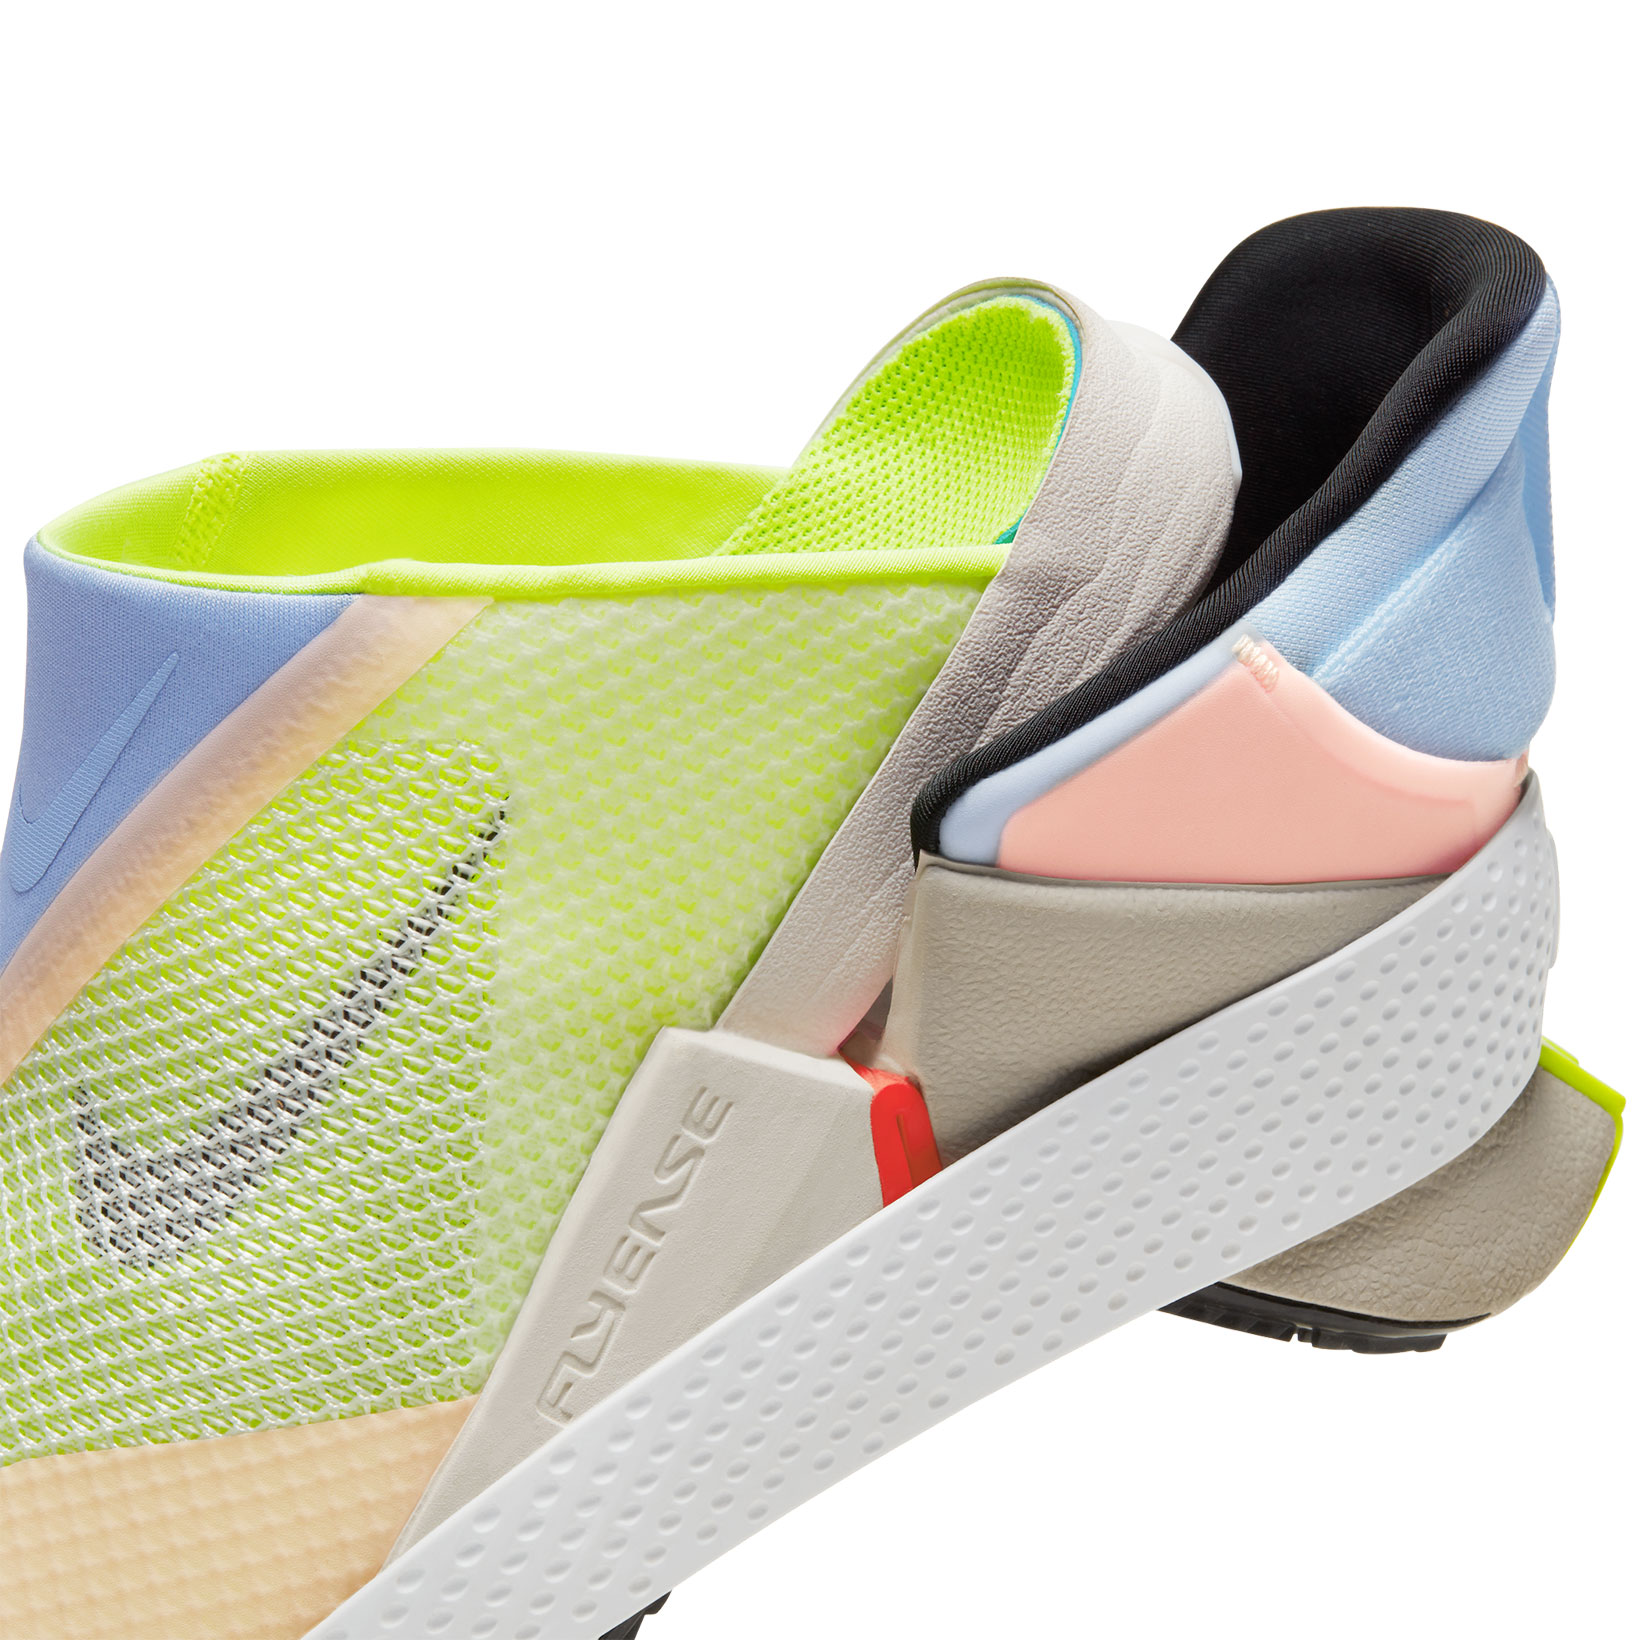 Las nuevas zapatillas Nike Go FlyEase. Fotografía: Nike